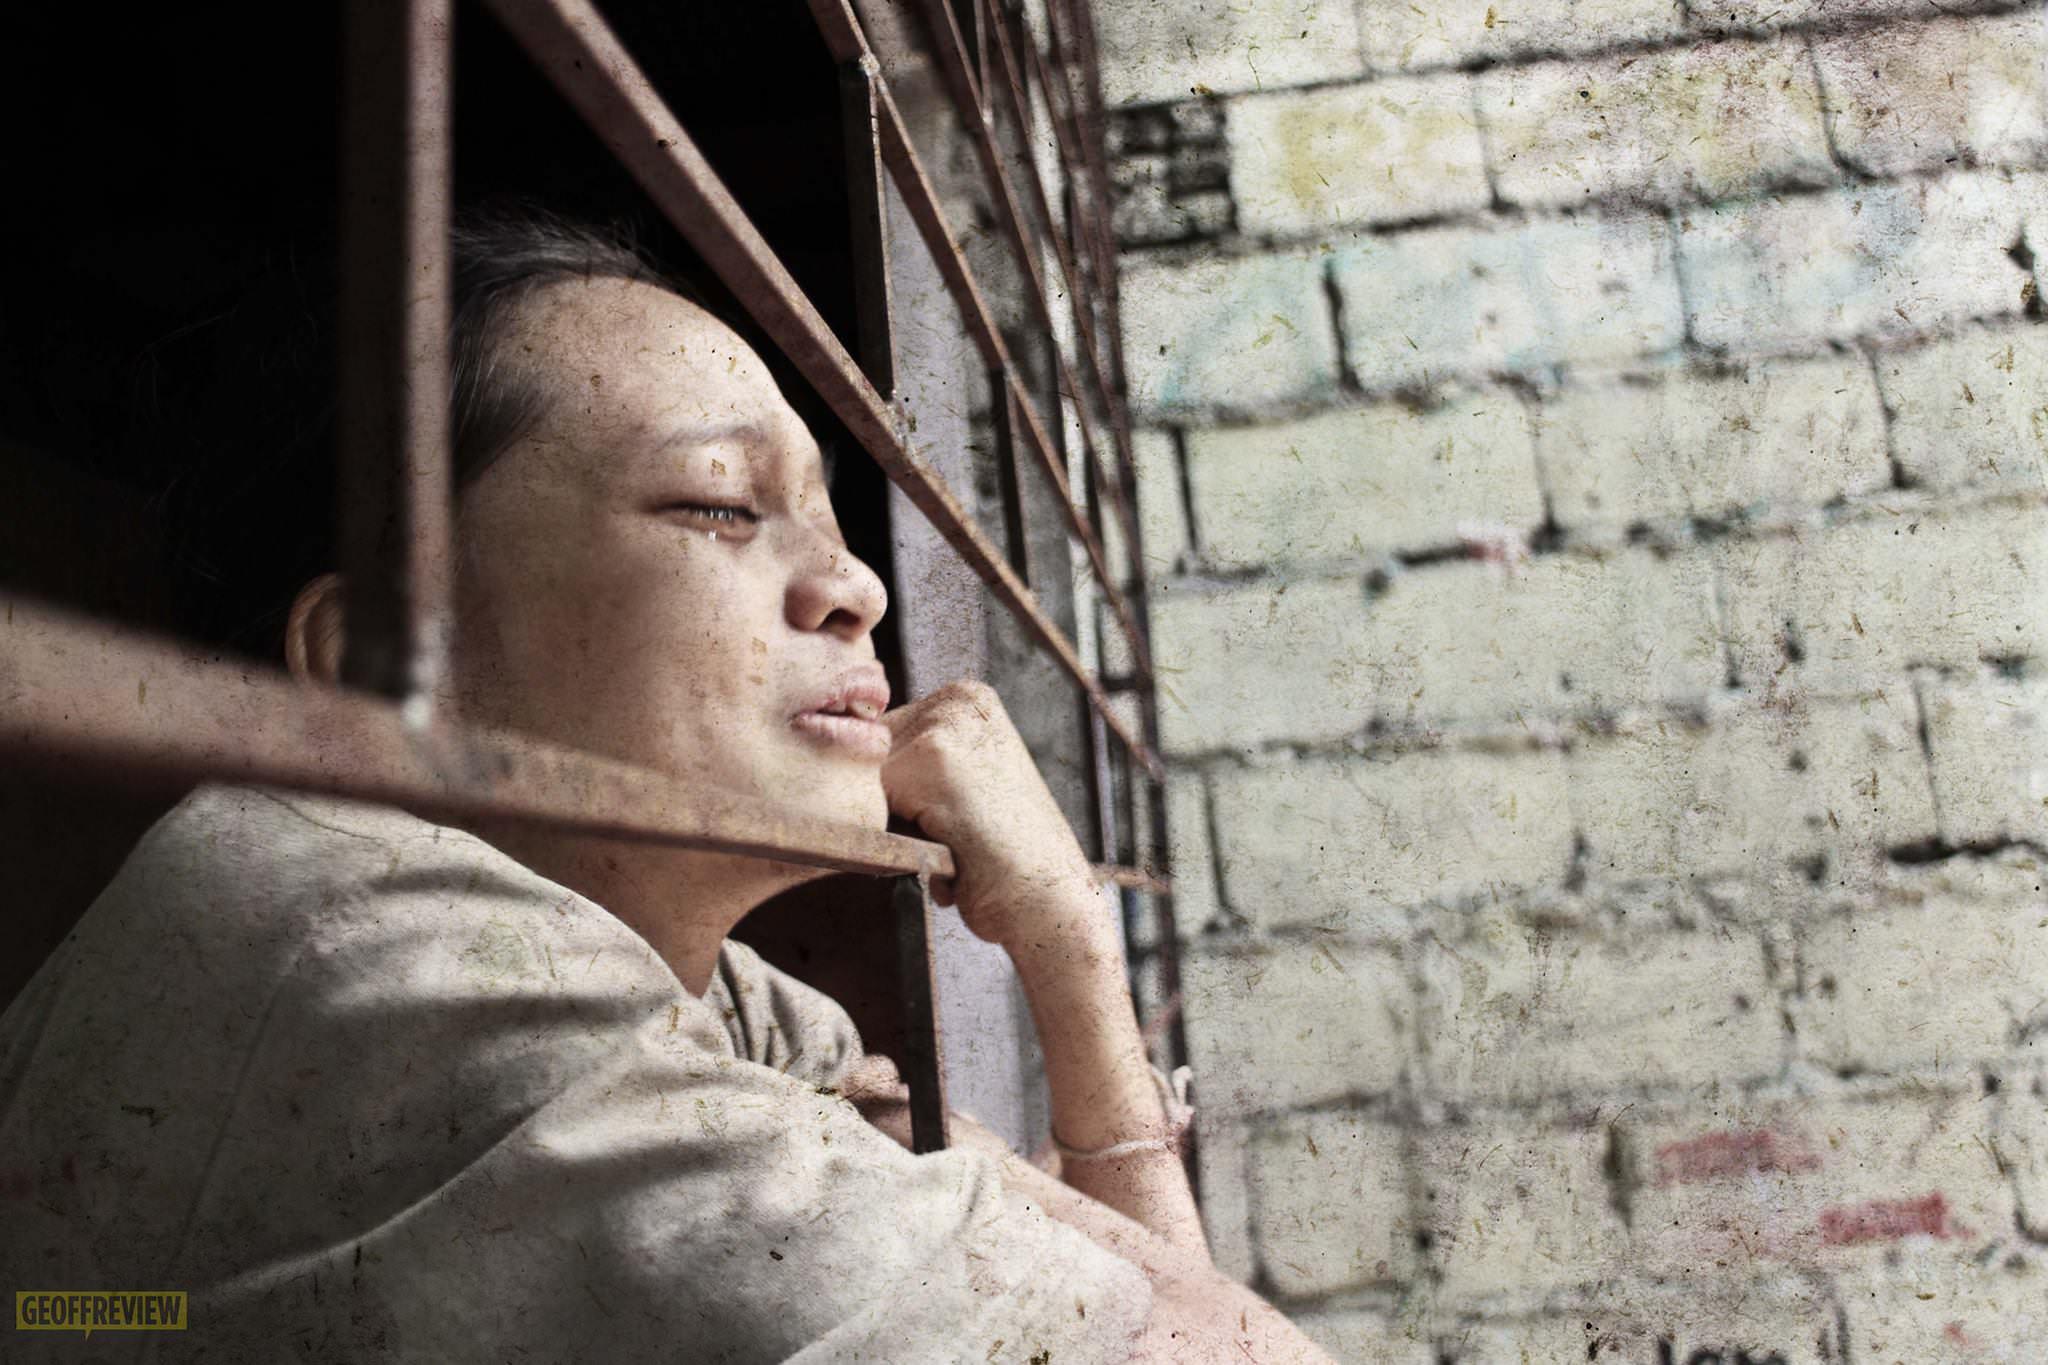 UP Rep walang katapusang godot baliw